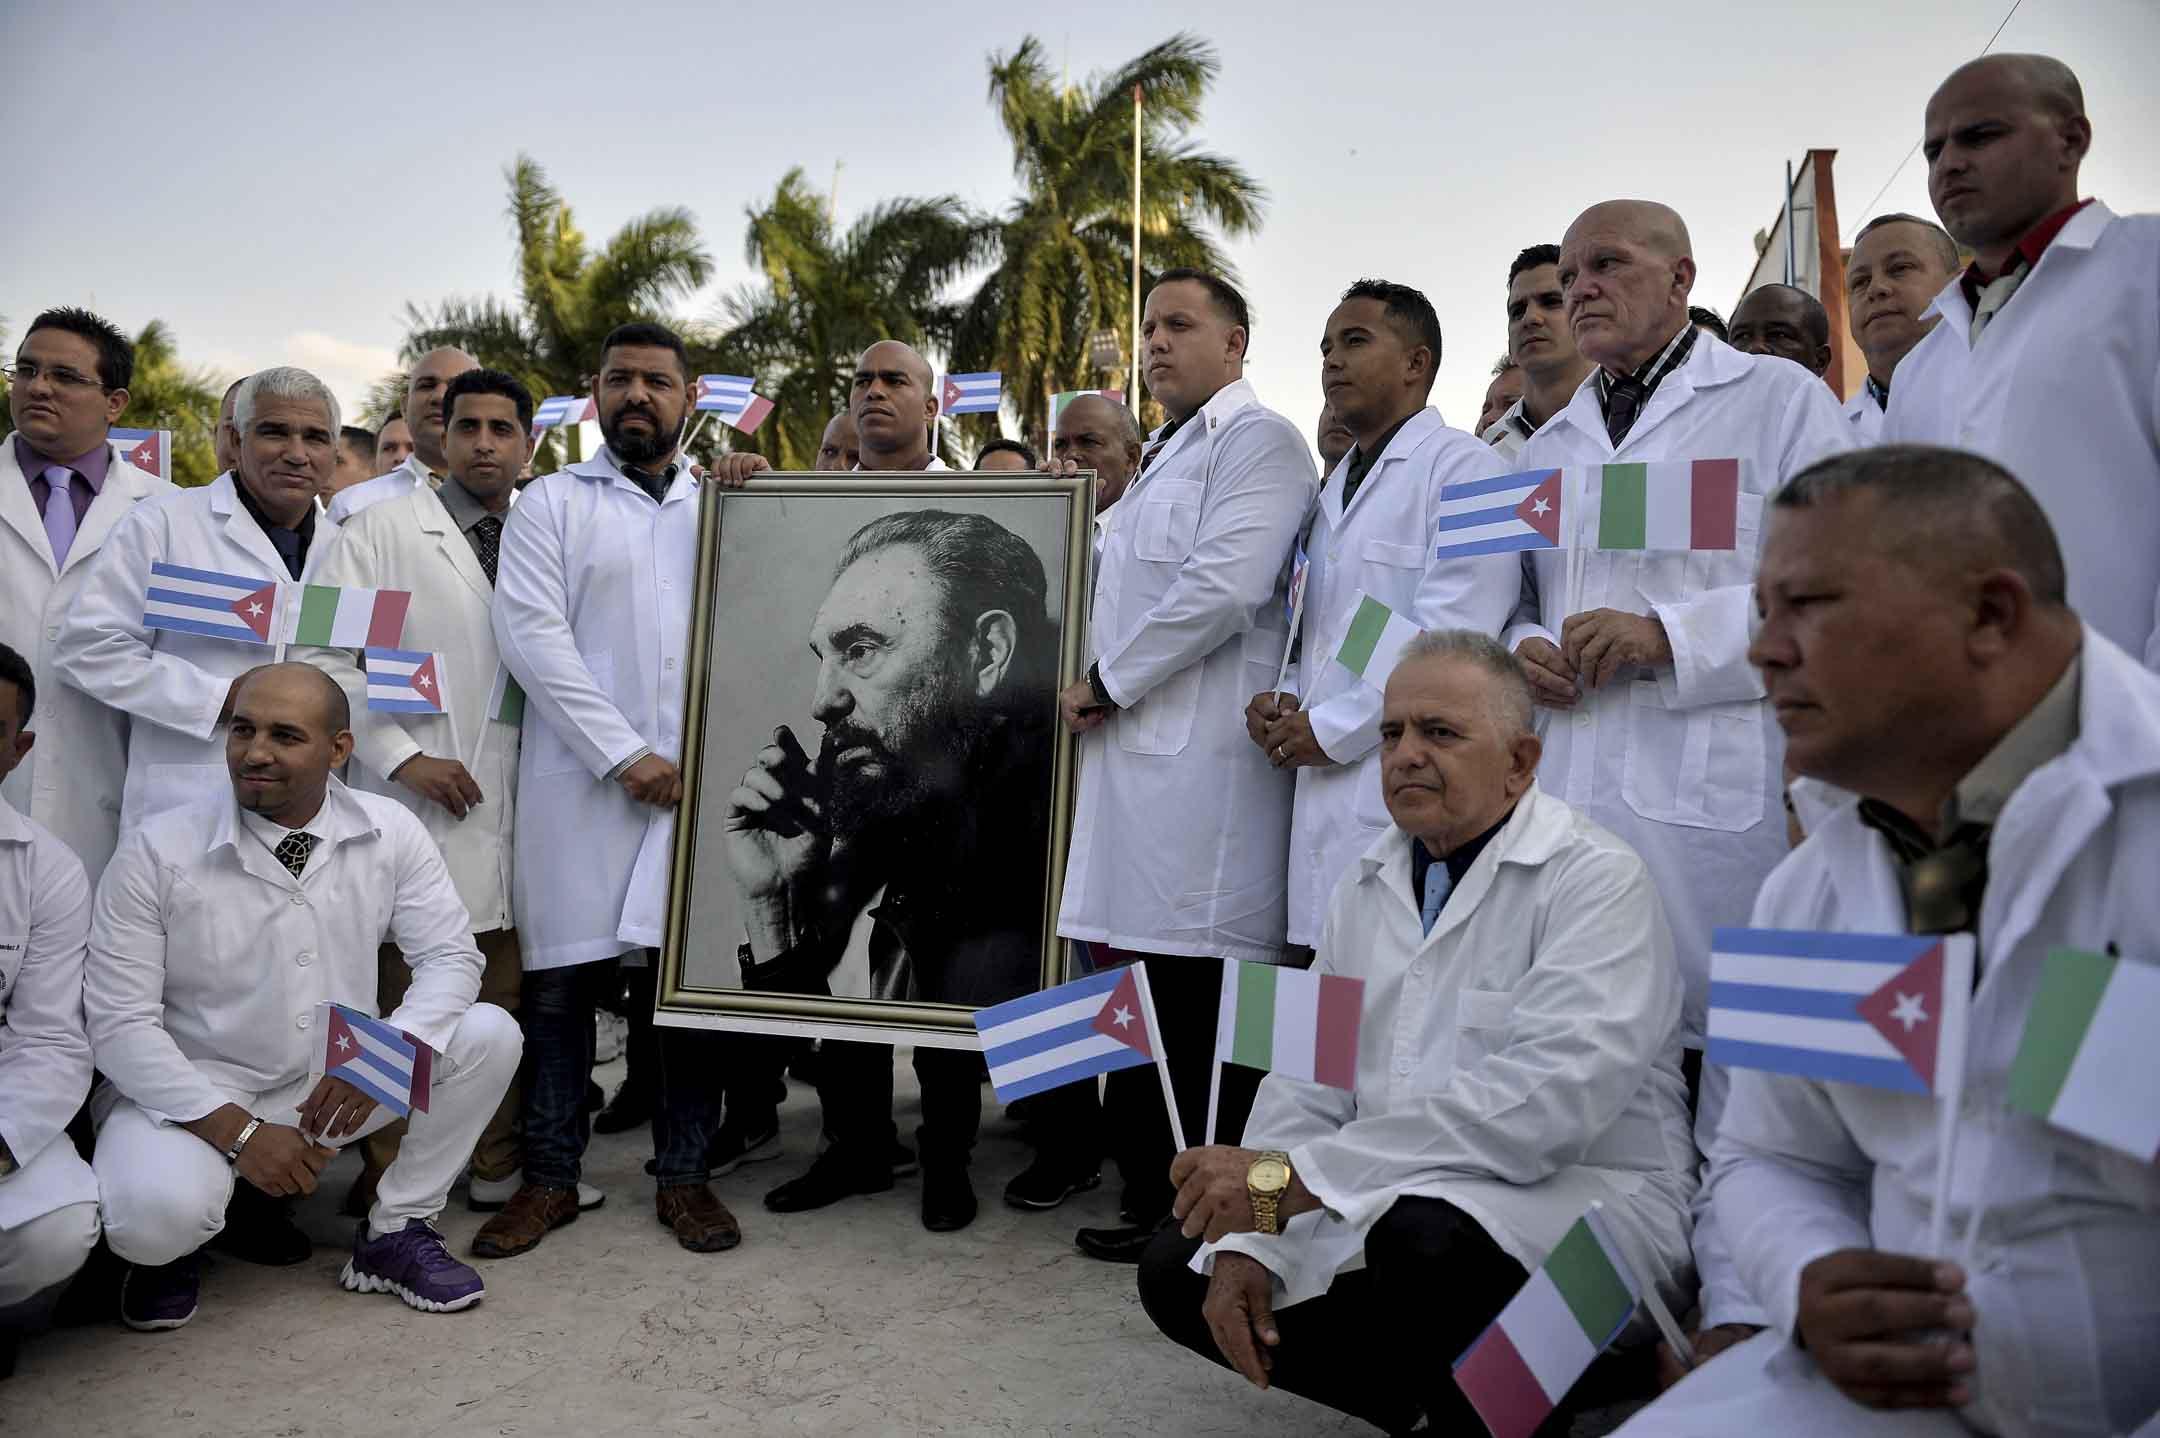 2020年3月21日,古巴亨利·雷芙國際醫療隊的醫護人員準備前往意大利抗疫,出發前與古巴前領袖卡斯特羅的肖像合照。 攝:Yamil Lage / AFP via Getty Images